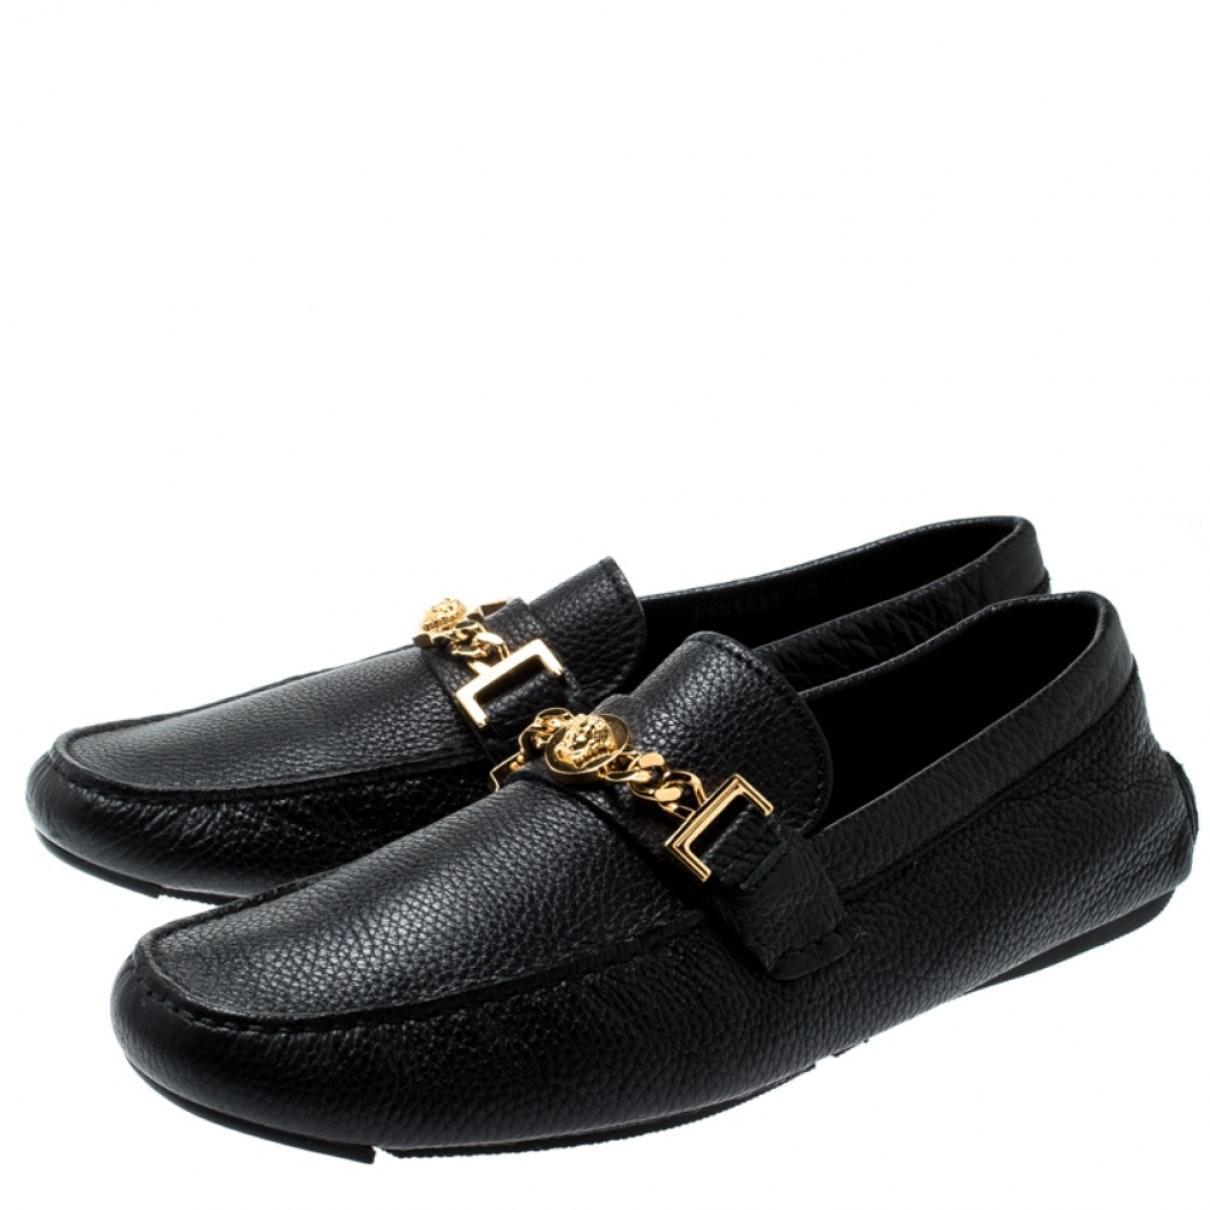 Mocasines en cuero negro Versace de Cuero de color Negro para hombre